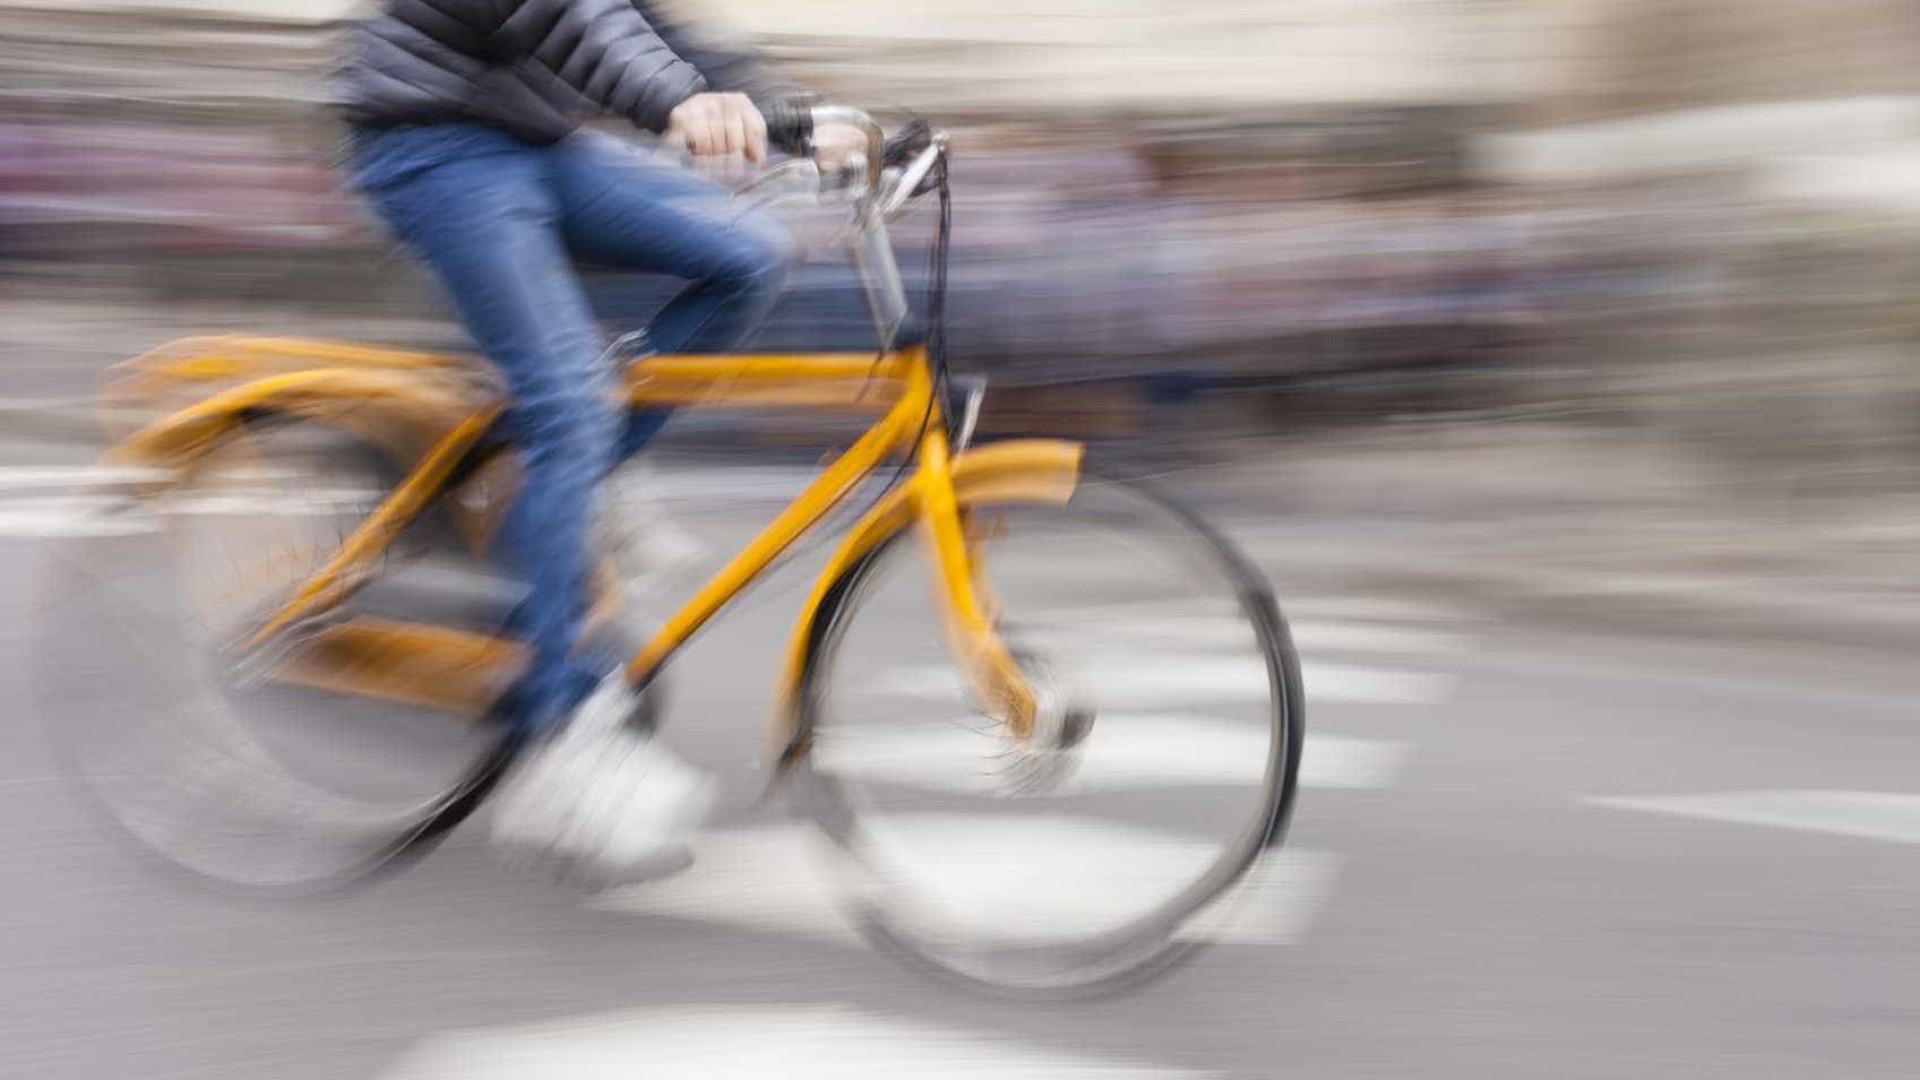 Encontrado carro envolvido em atropelamento de ciclista